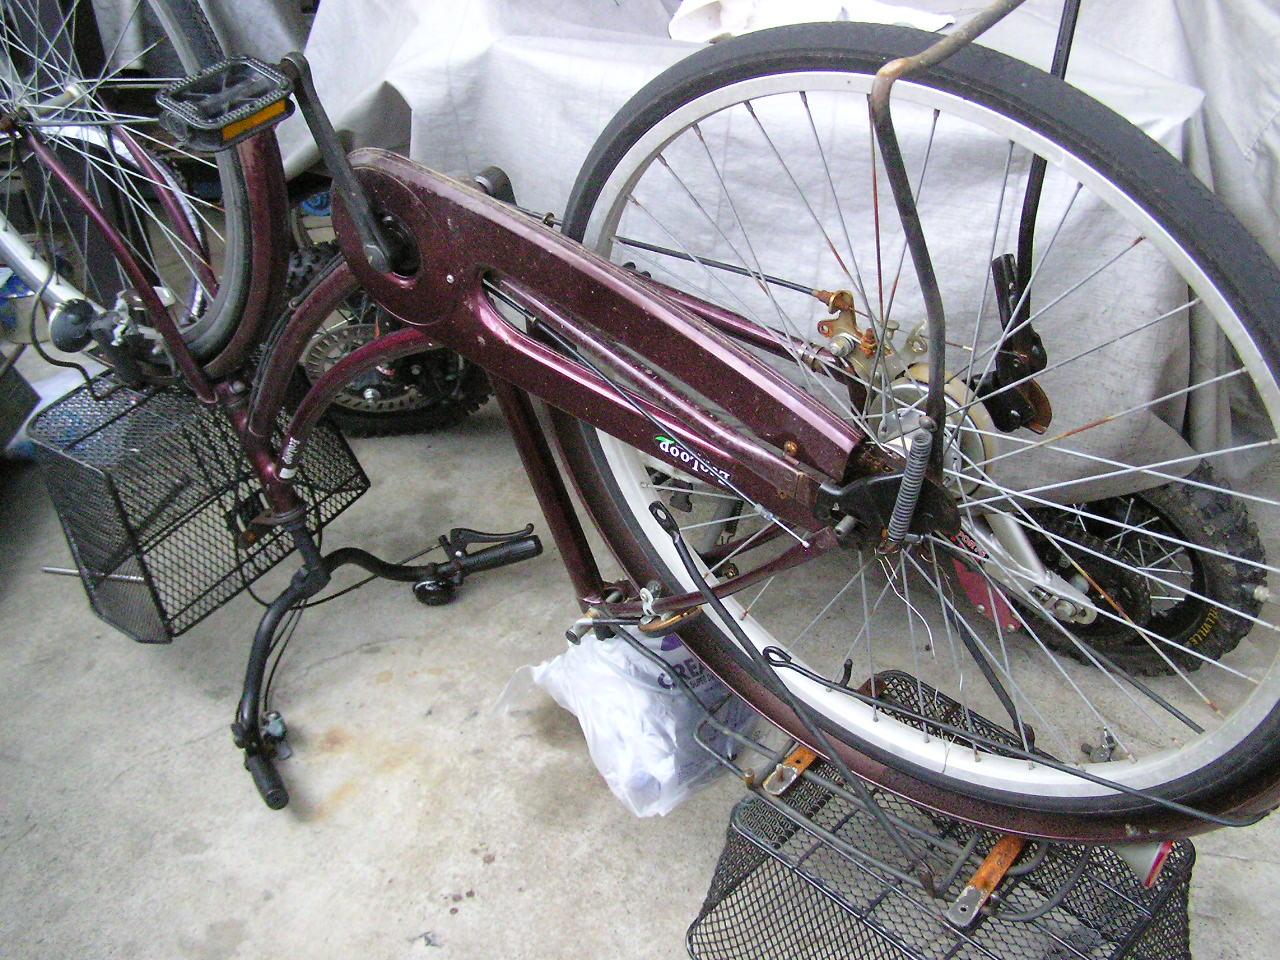 ... 正しい自転車のタイヤ交換